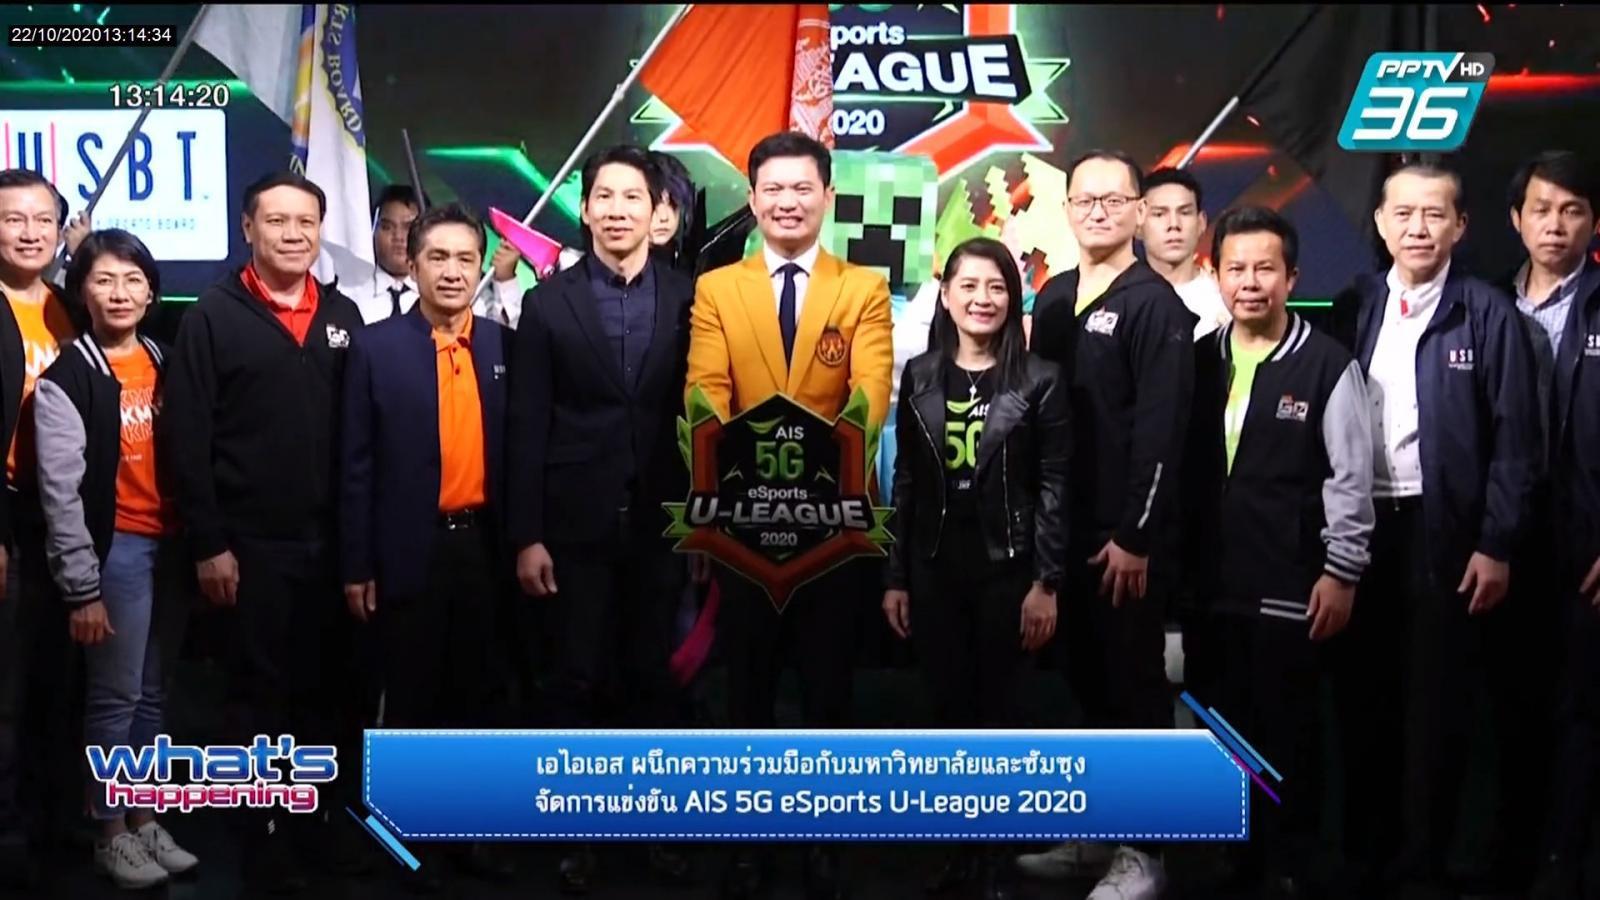 """เอไอเอส ผนึกความร่วมมือกับมหาวิทยาลัยและซัมซุง จัดการแข่งขัน """"AIS 5G eSports U-League 2020"""""""